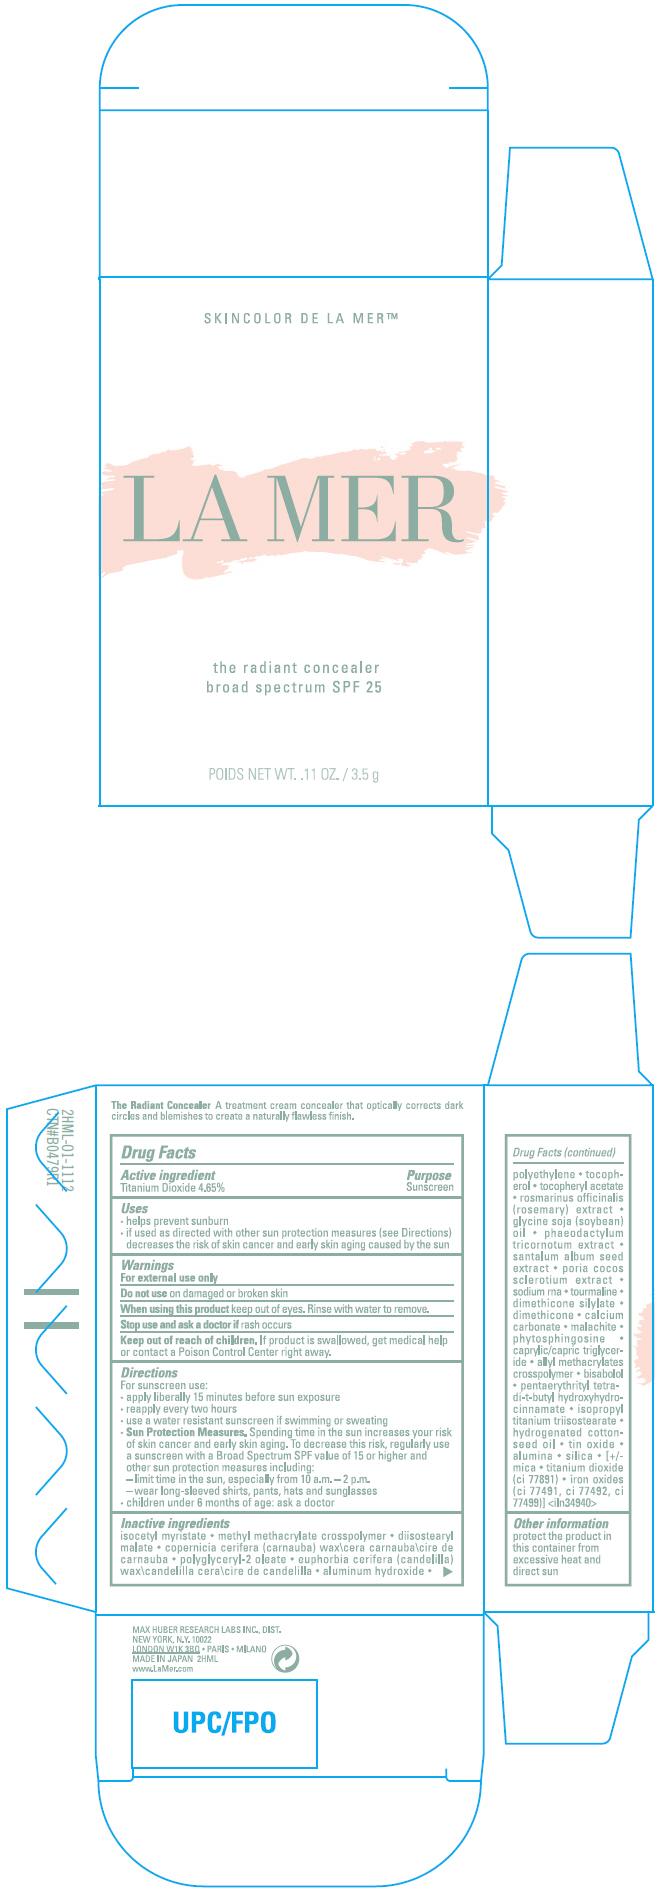 The Radiant Concealer Broad Spectrum Spf 25 (Titanium Dioxide) Cream [Max Huber Research Lab Inc]